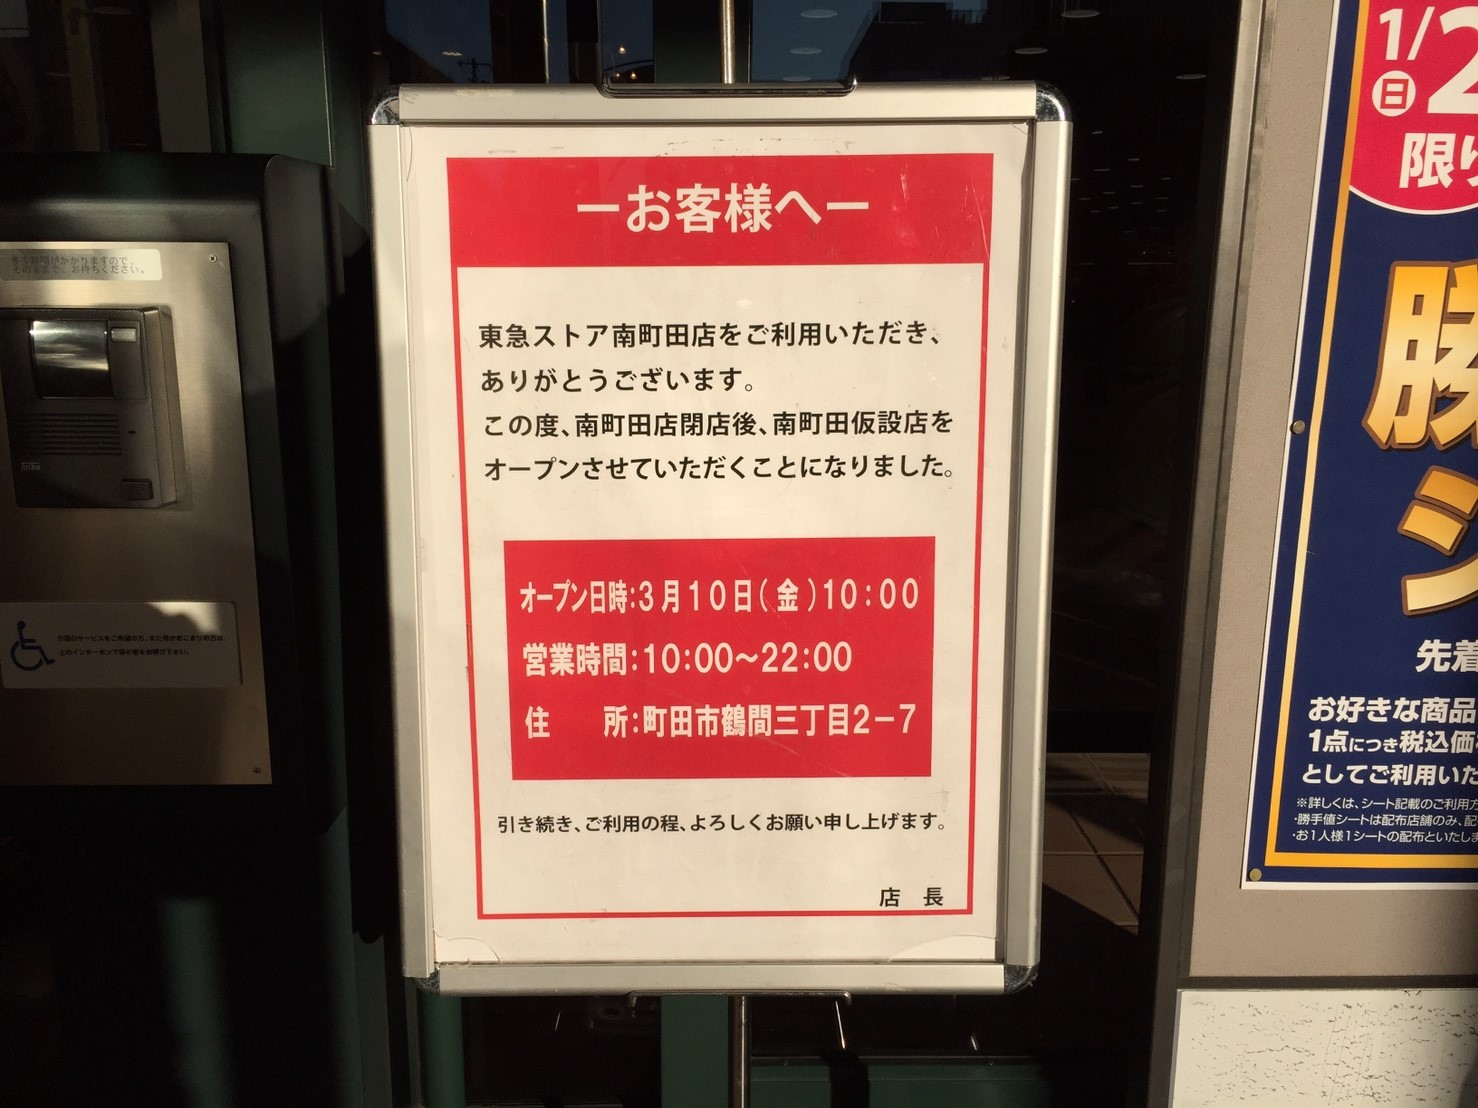 南町田東急ストア 仮設店オープンお知らせ